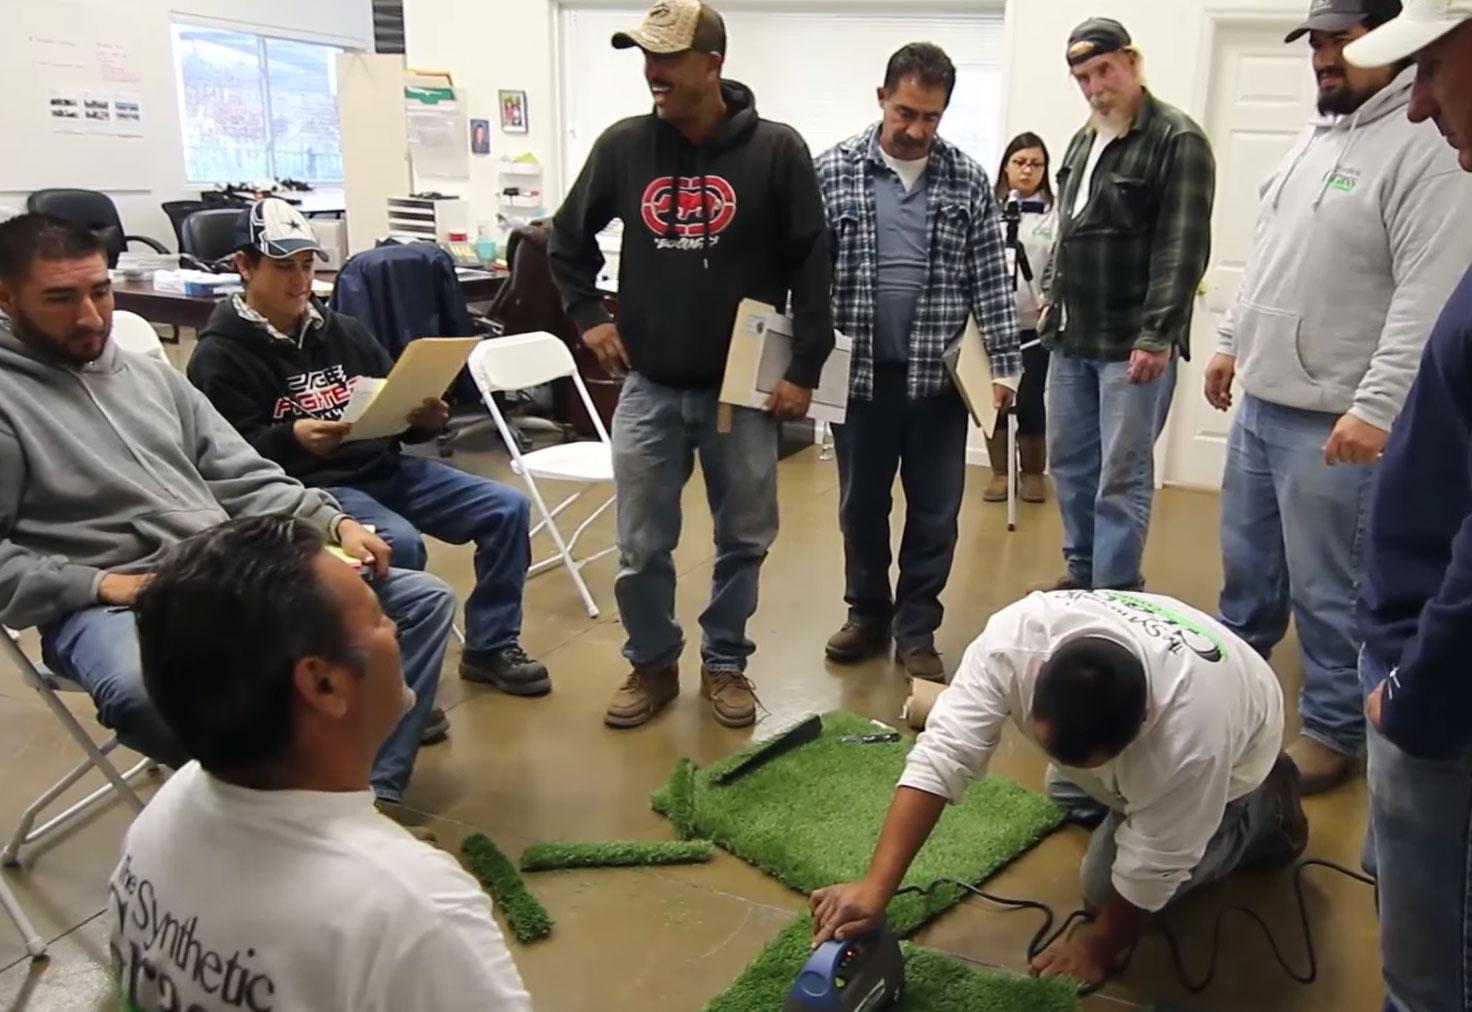 Artificial grass seminar contractors